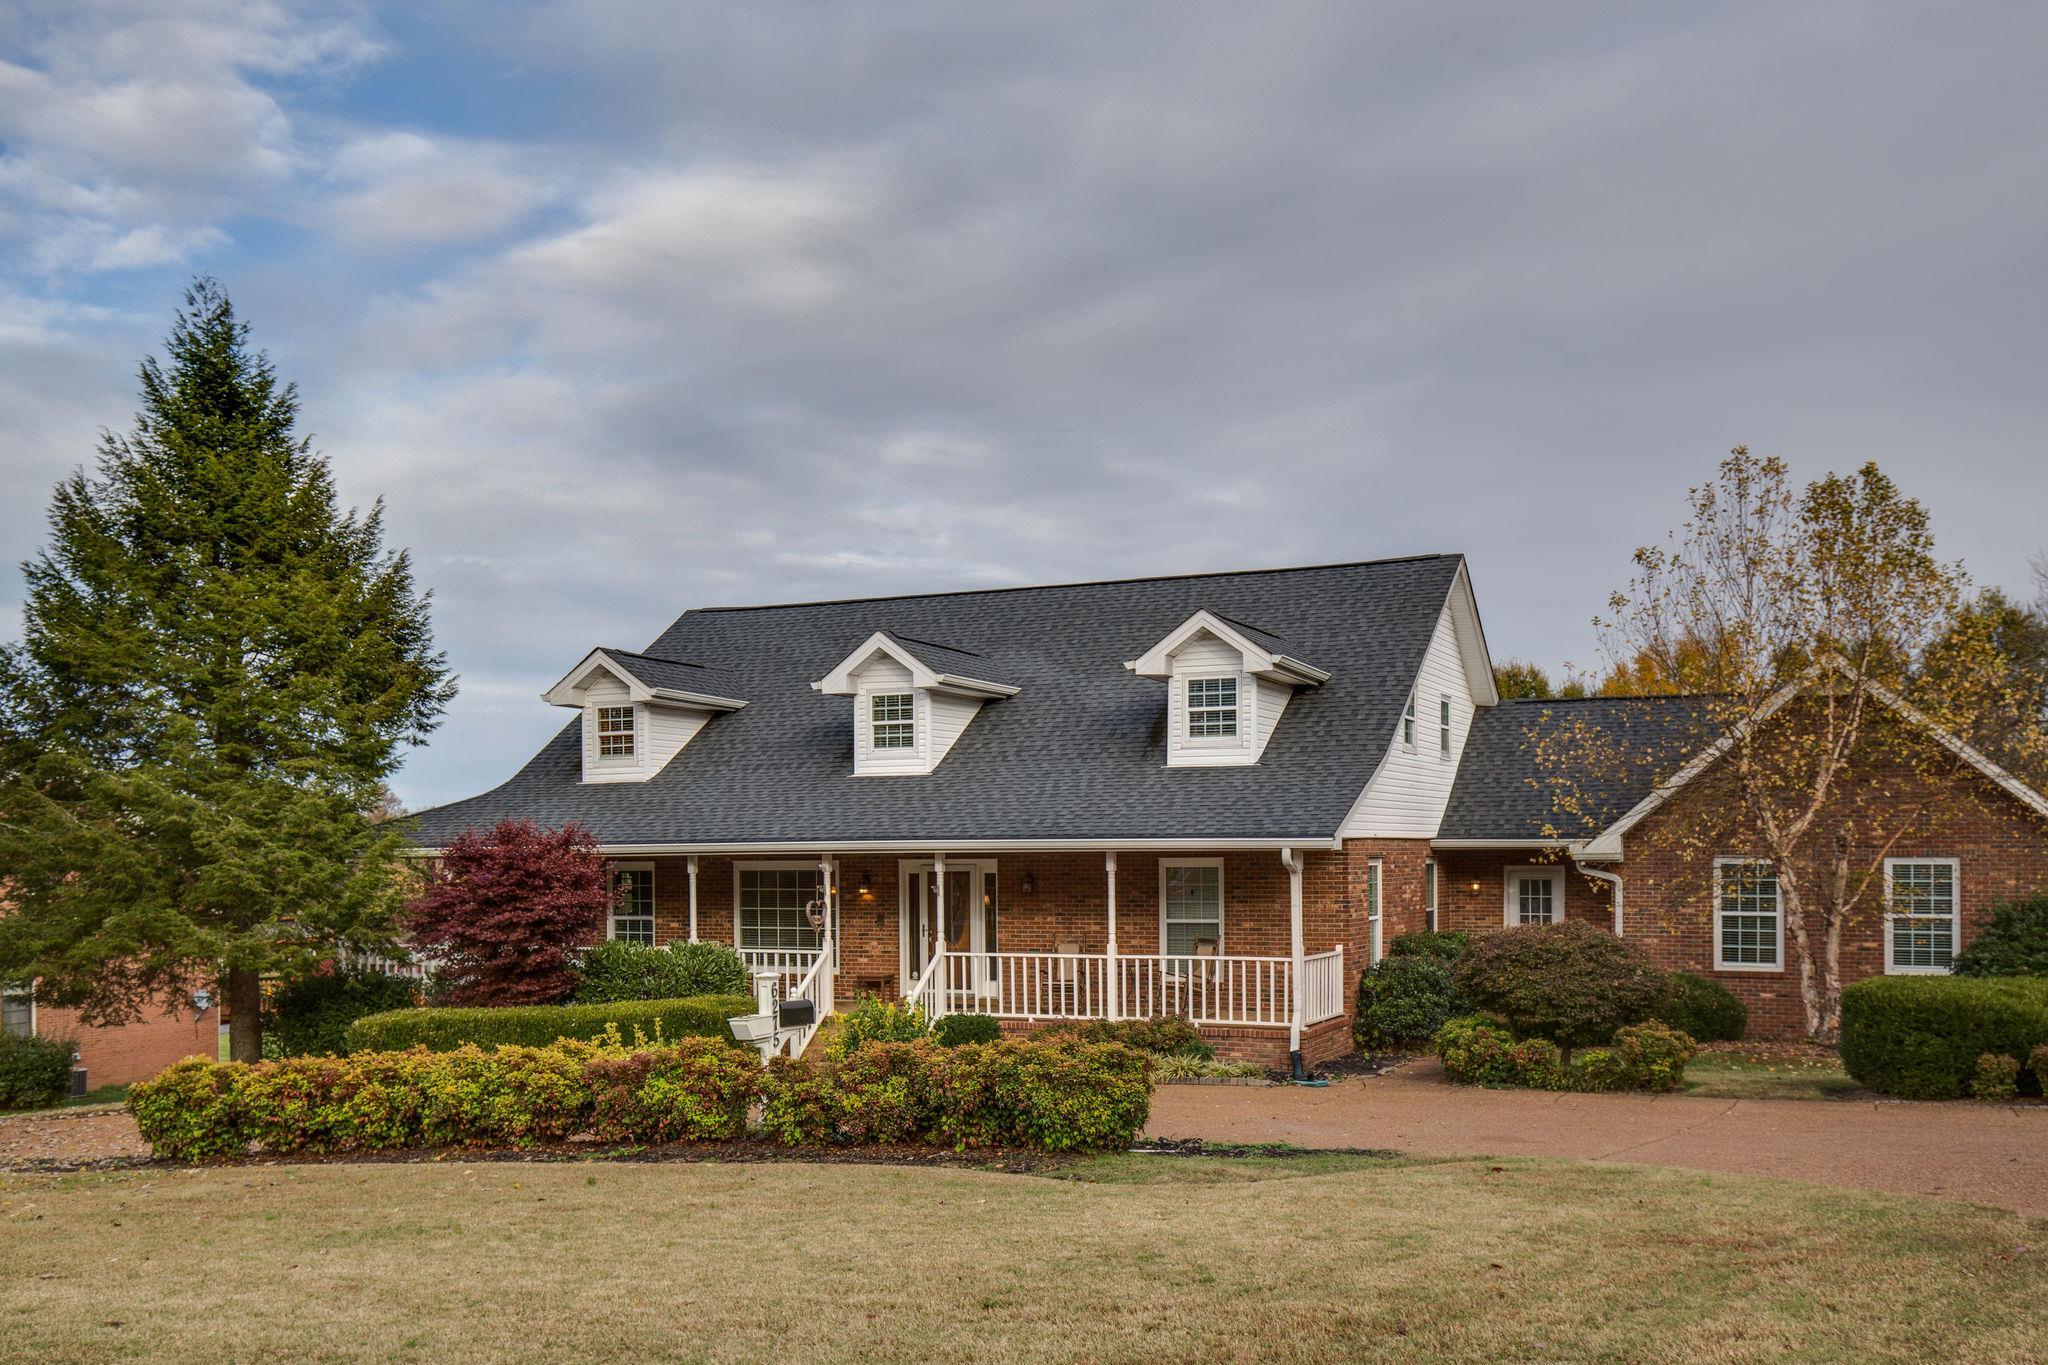 6275 John Hager Rd, Mount Juliet, Tennessee